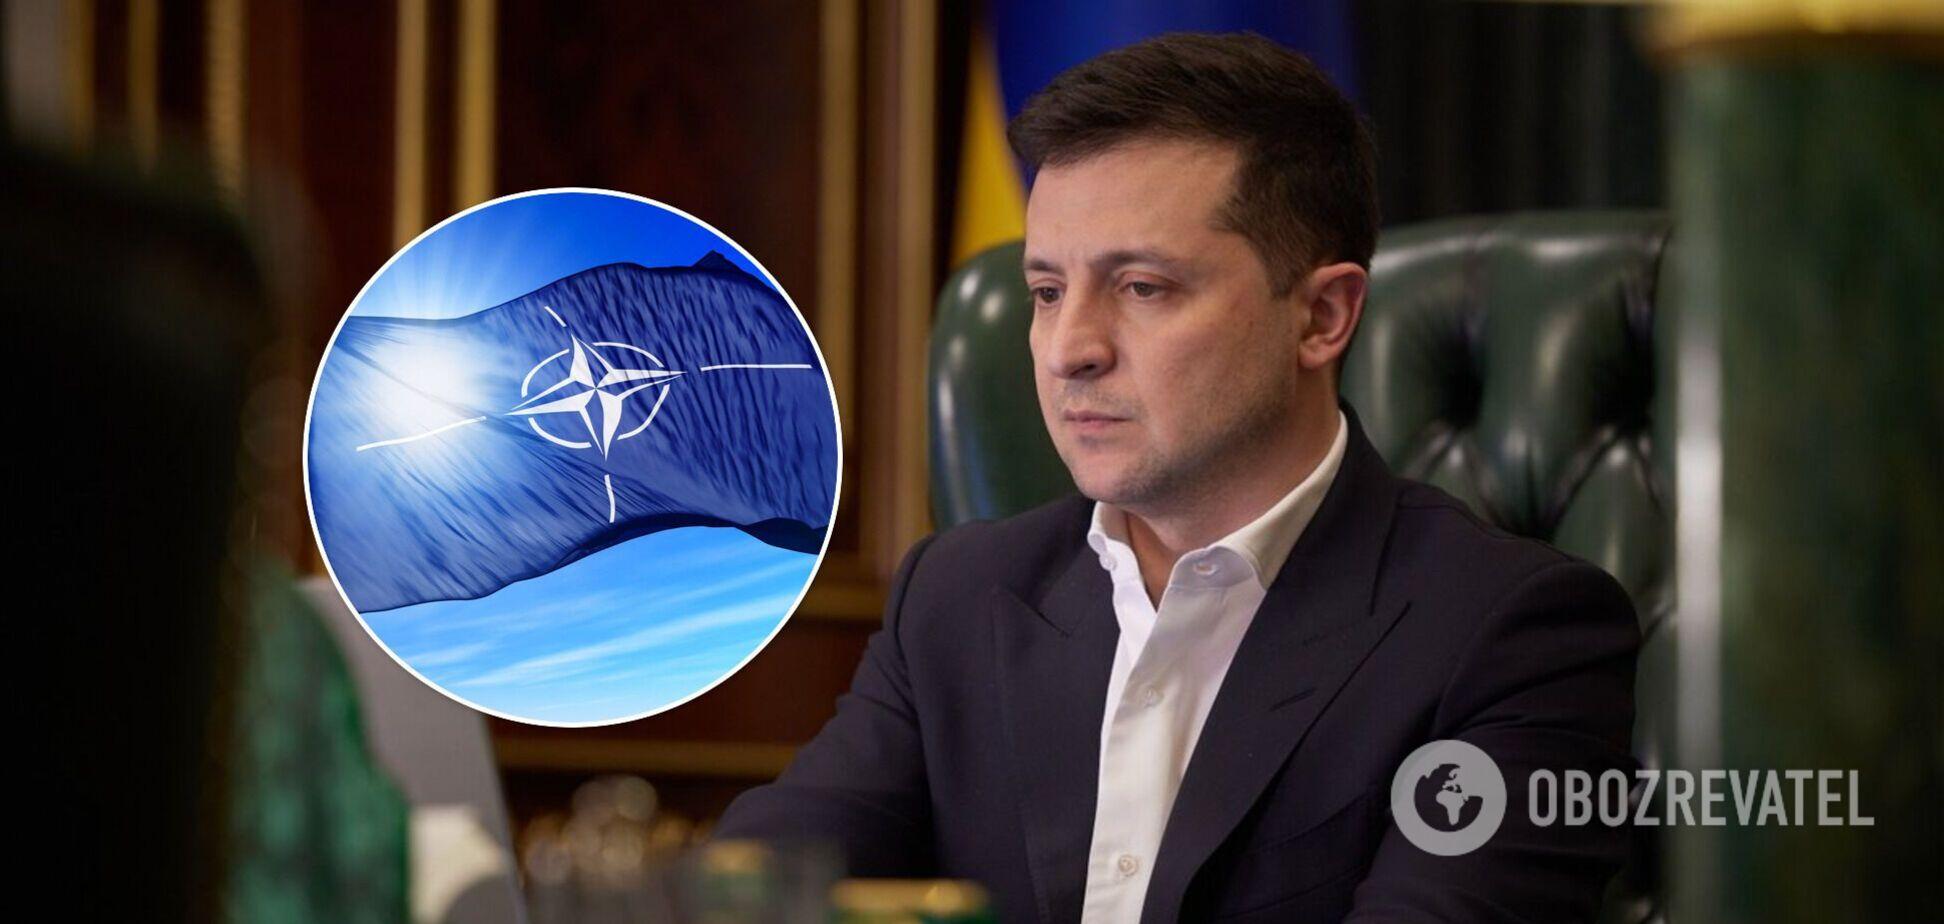 Зеленський – про Україну в НАТО: в червні ми дізнаємося, які країни нас підтримують